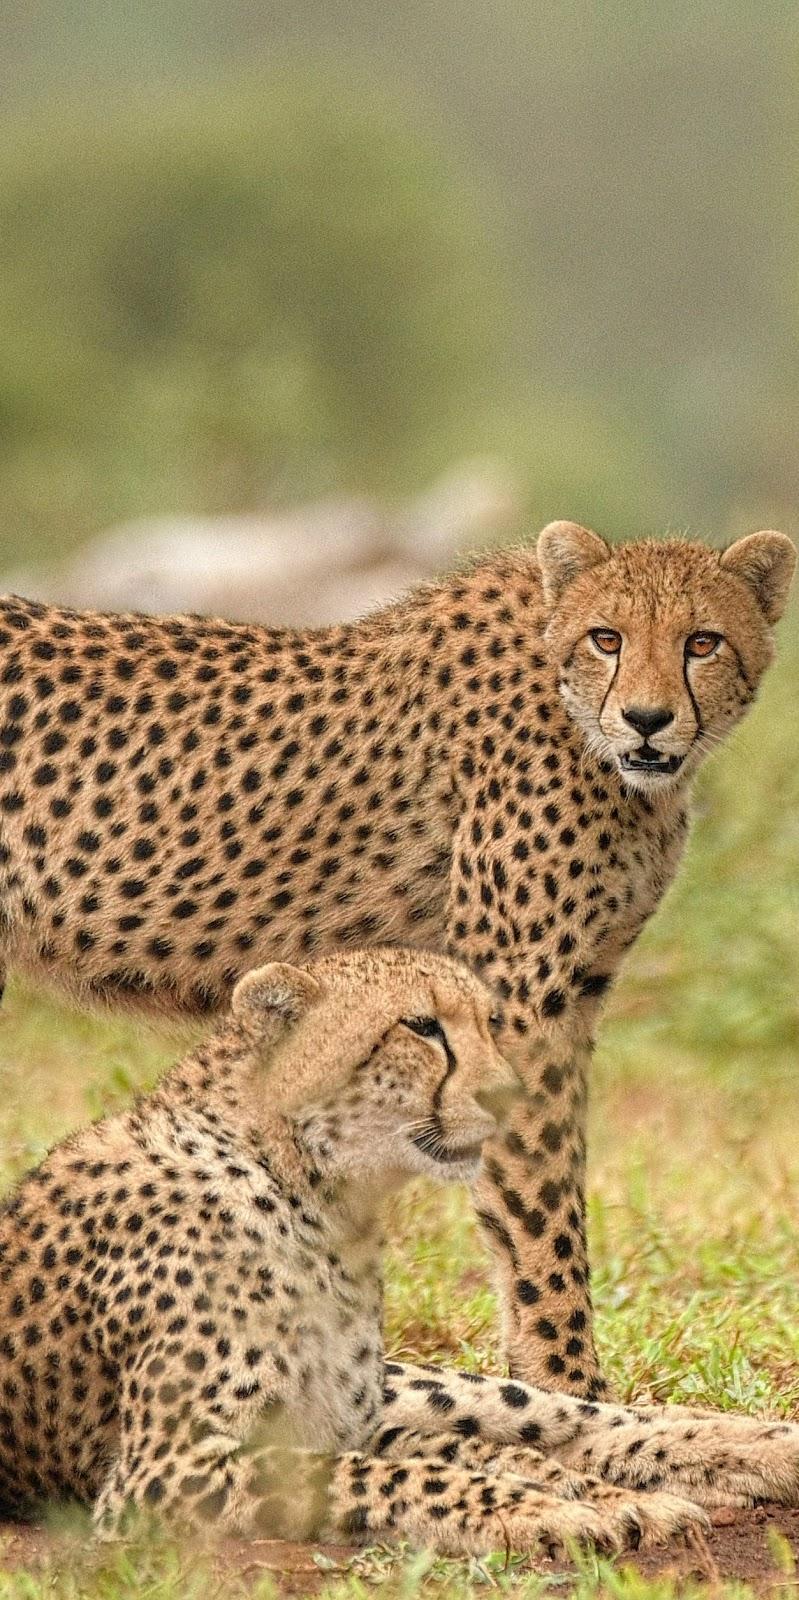 A pair of cheetahs